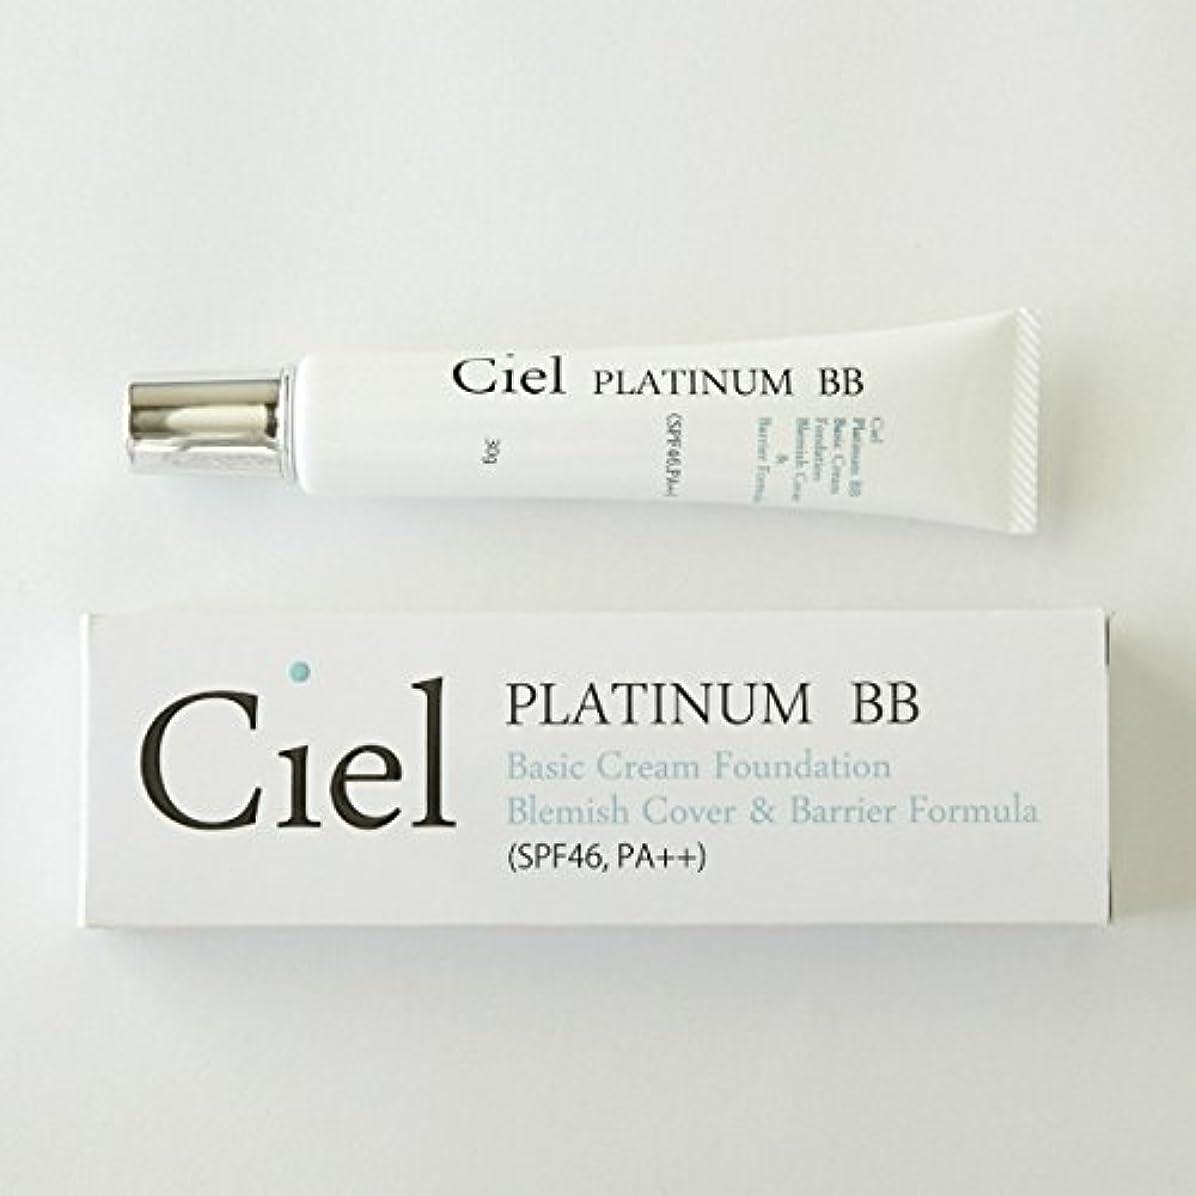 突進協同船尾Ciel Salon de Beaute Ciel PLATINUM BB SPF46 BBクリーム ファンデーション 日本製 日焼け止め